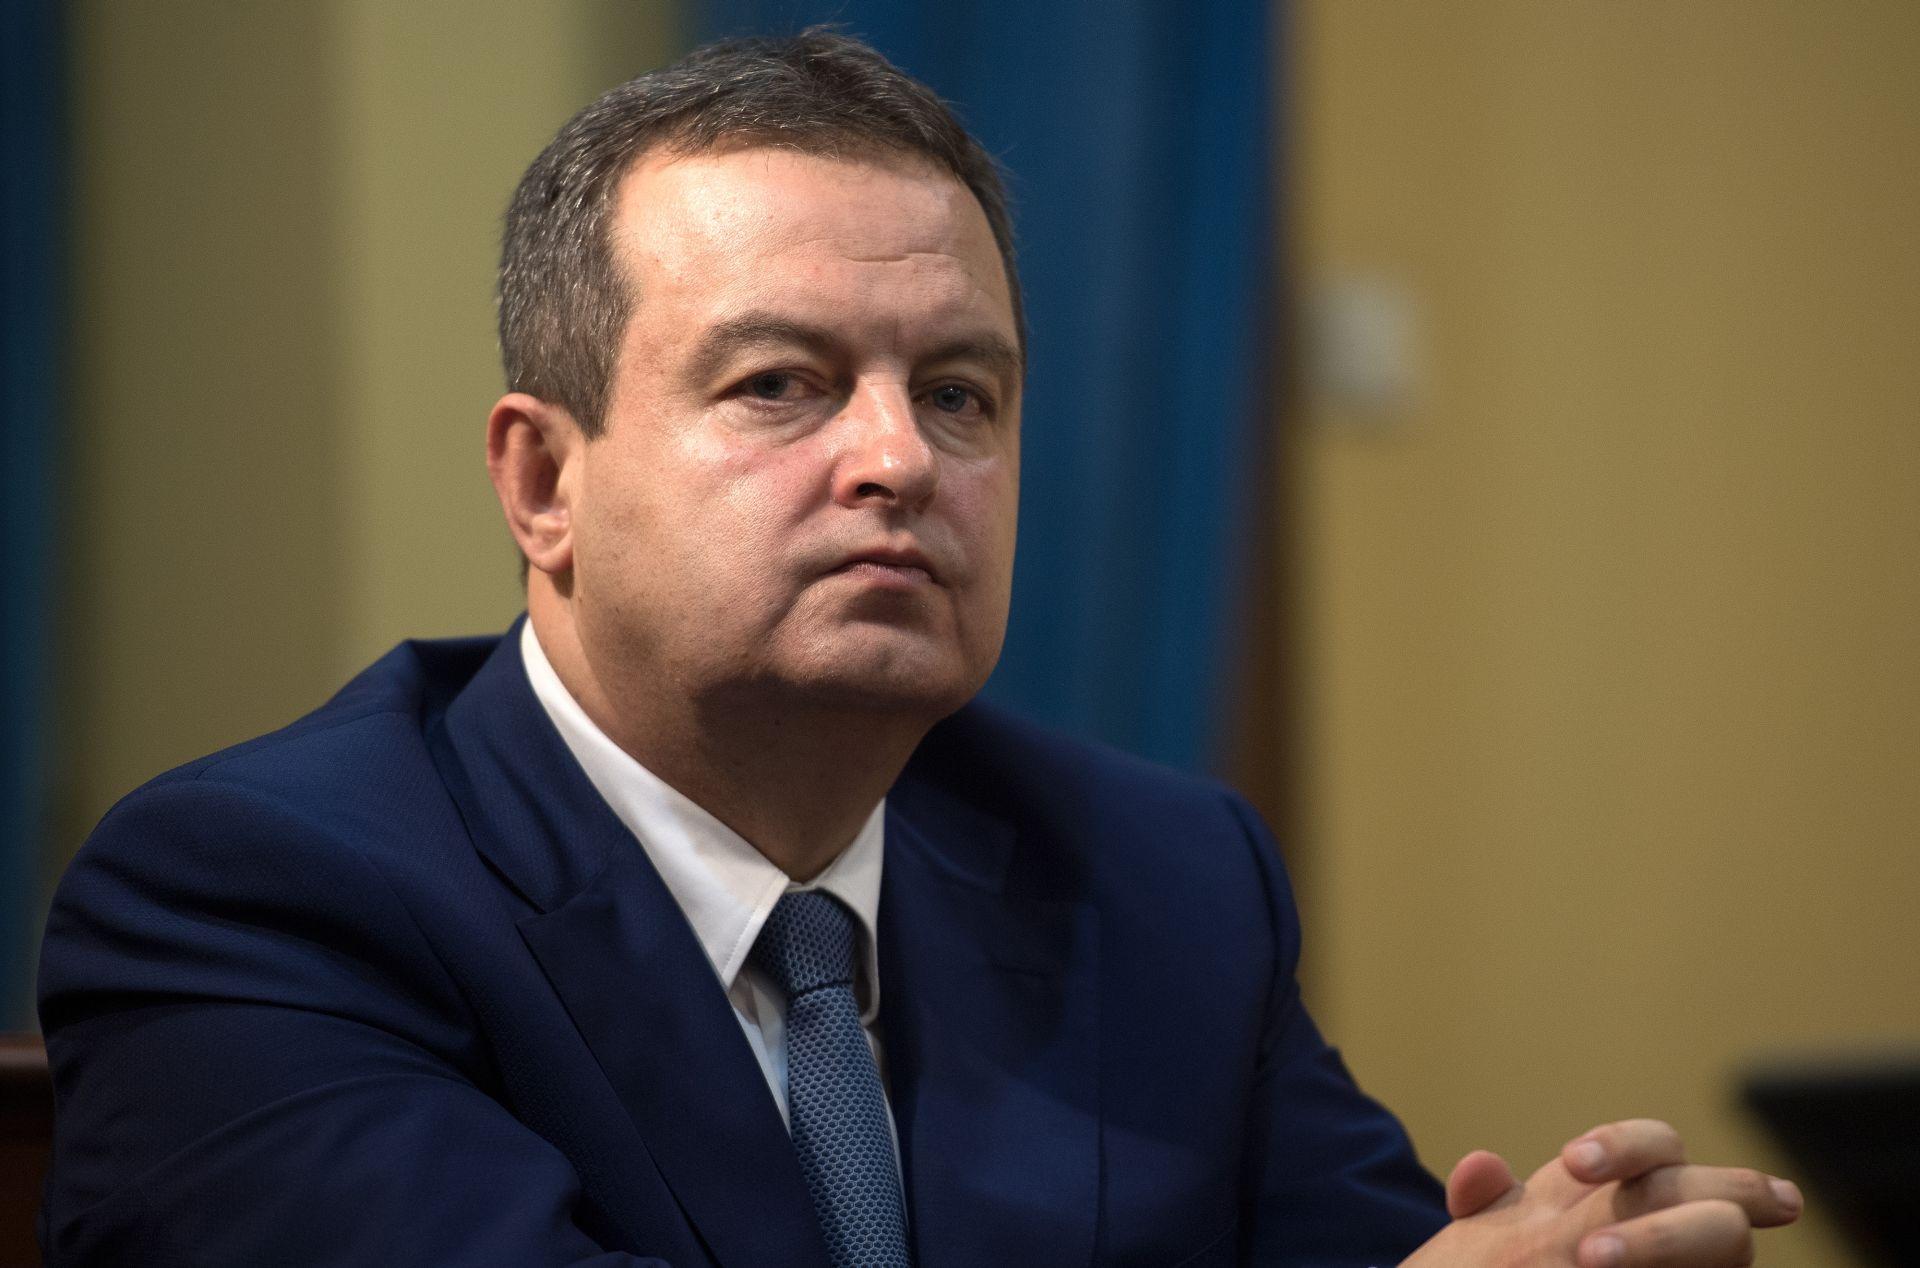 Srpski dužnosnici odgovorili Kovaču da Hrvatska nastavlja provocirati